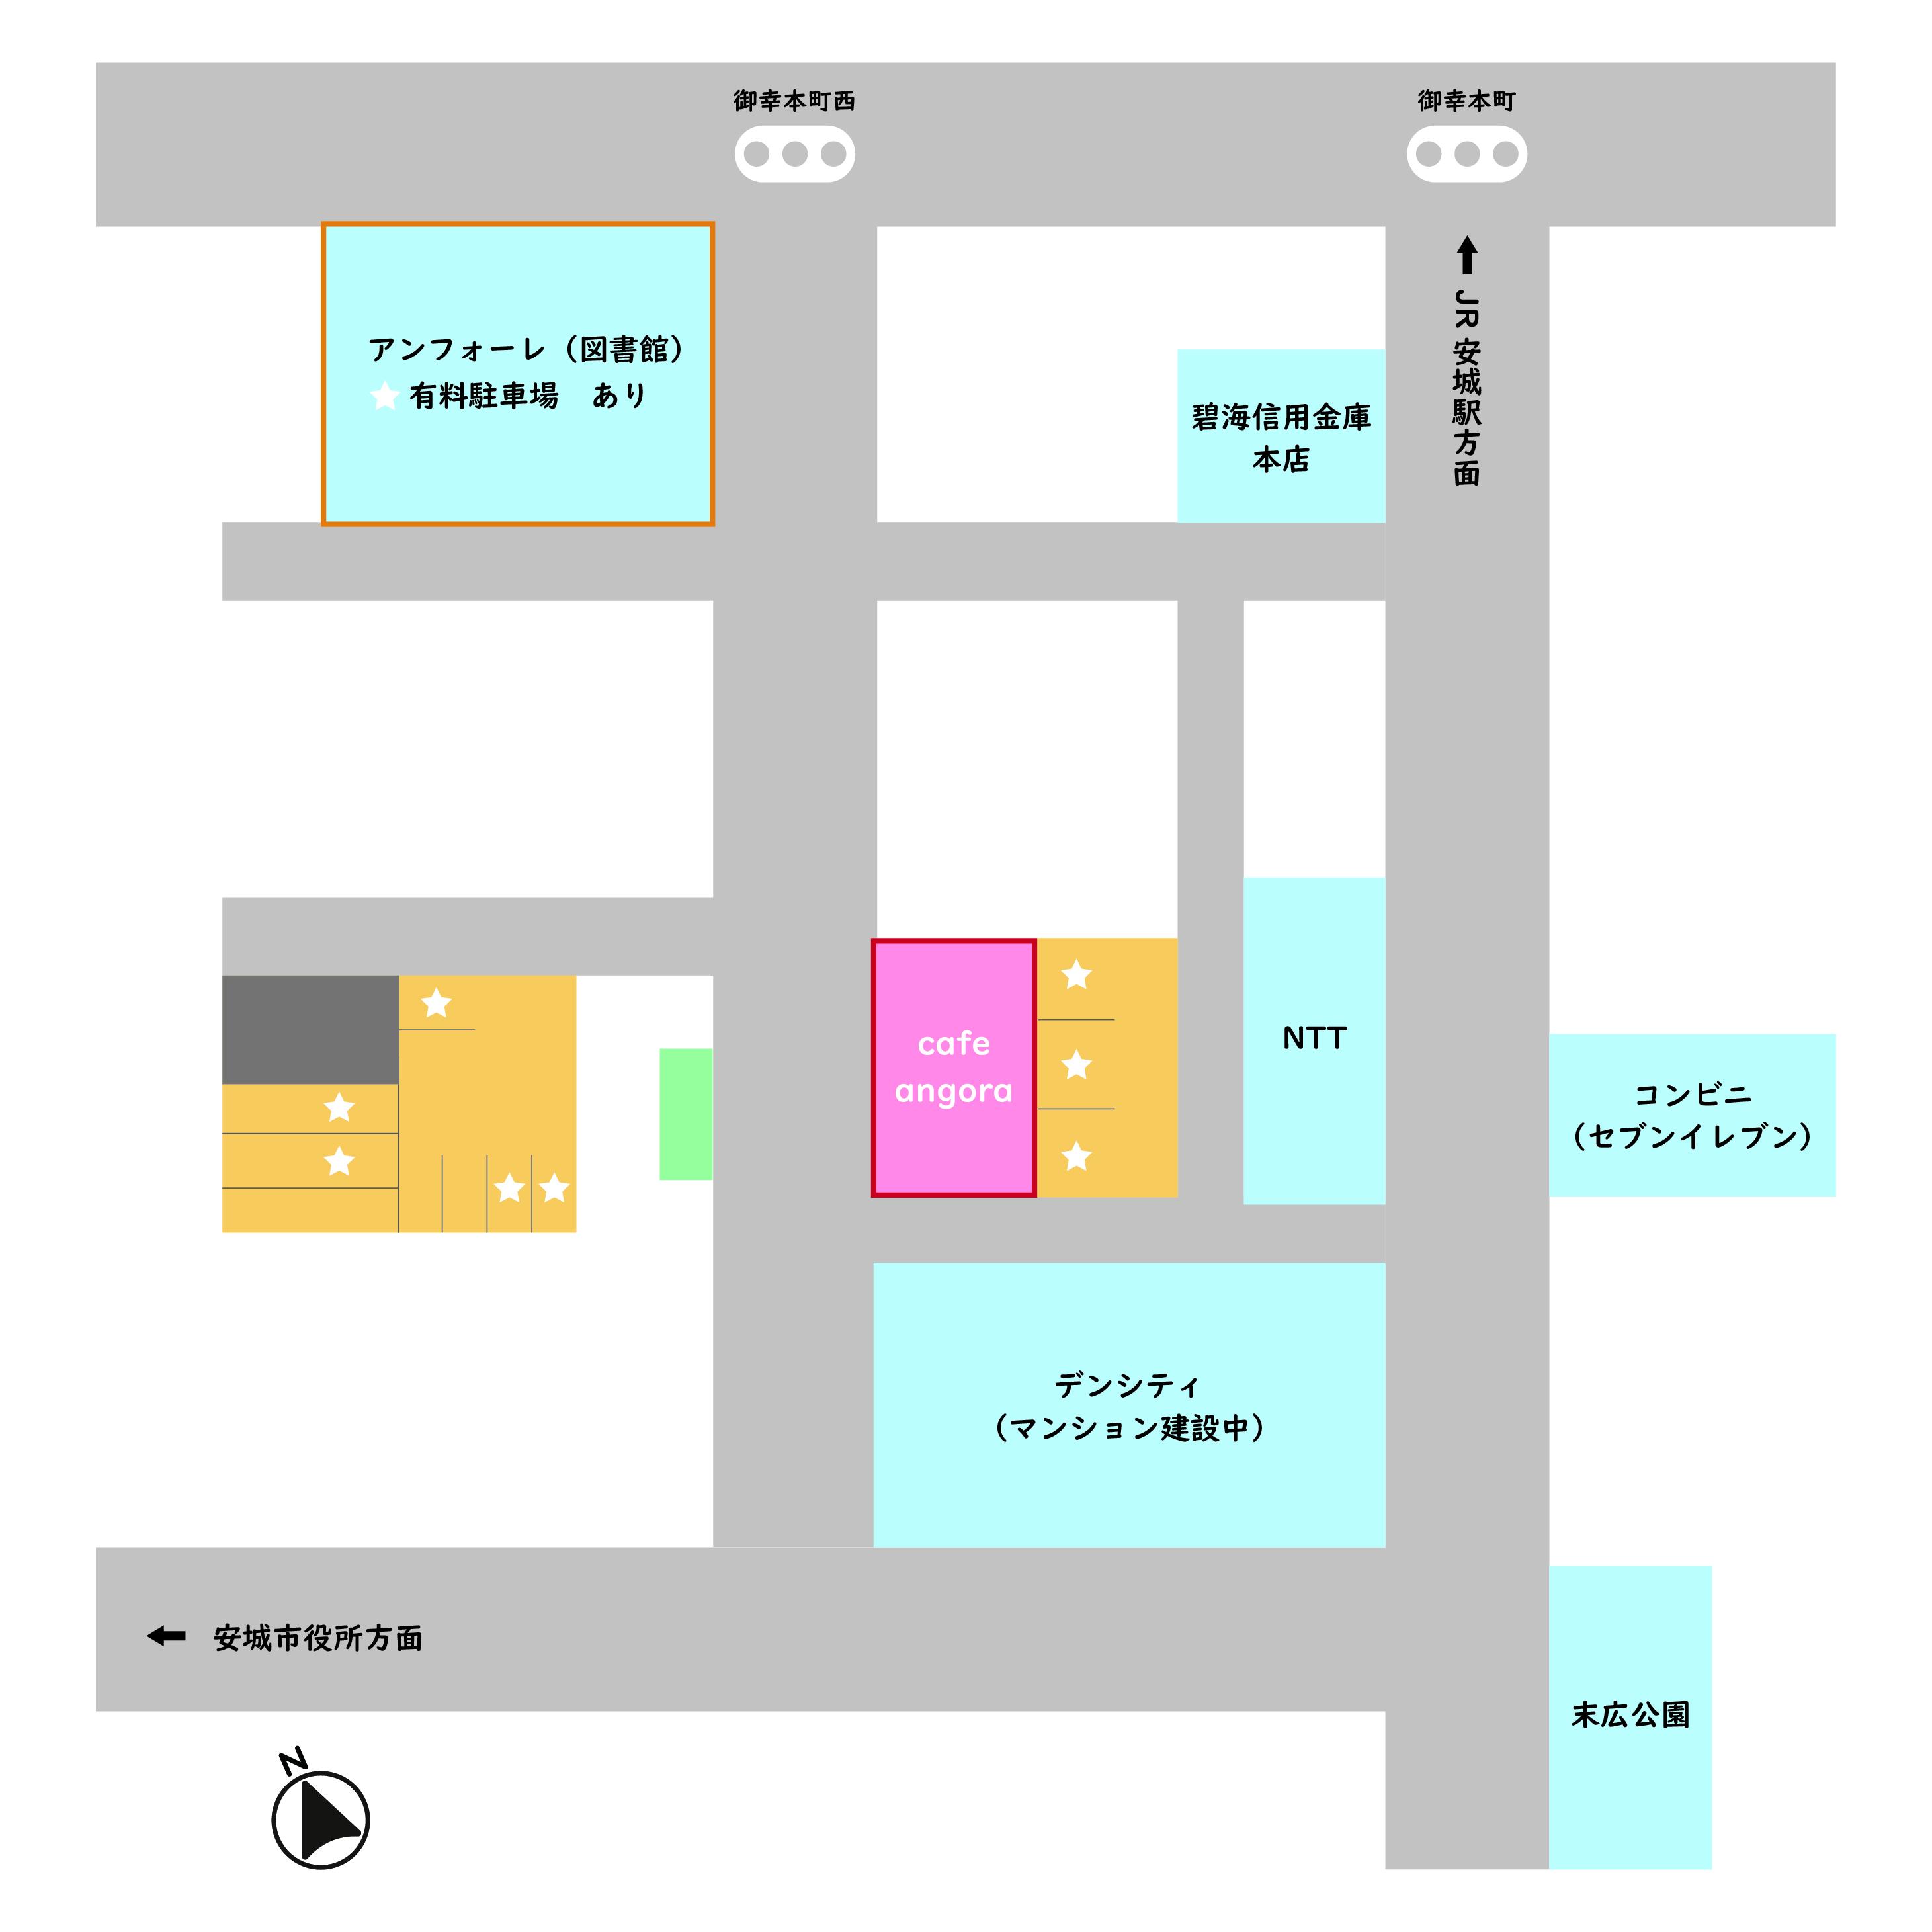 星印の場所が、 当店の駐車場となります。<br><br> 満車の場合は、<br> アンフォーレ(図書館)など近隣の有料駐車場をご利用ください。